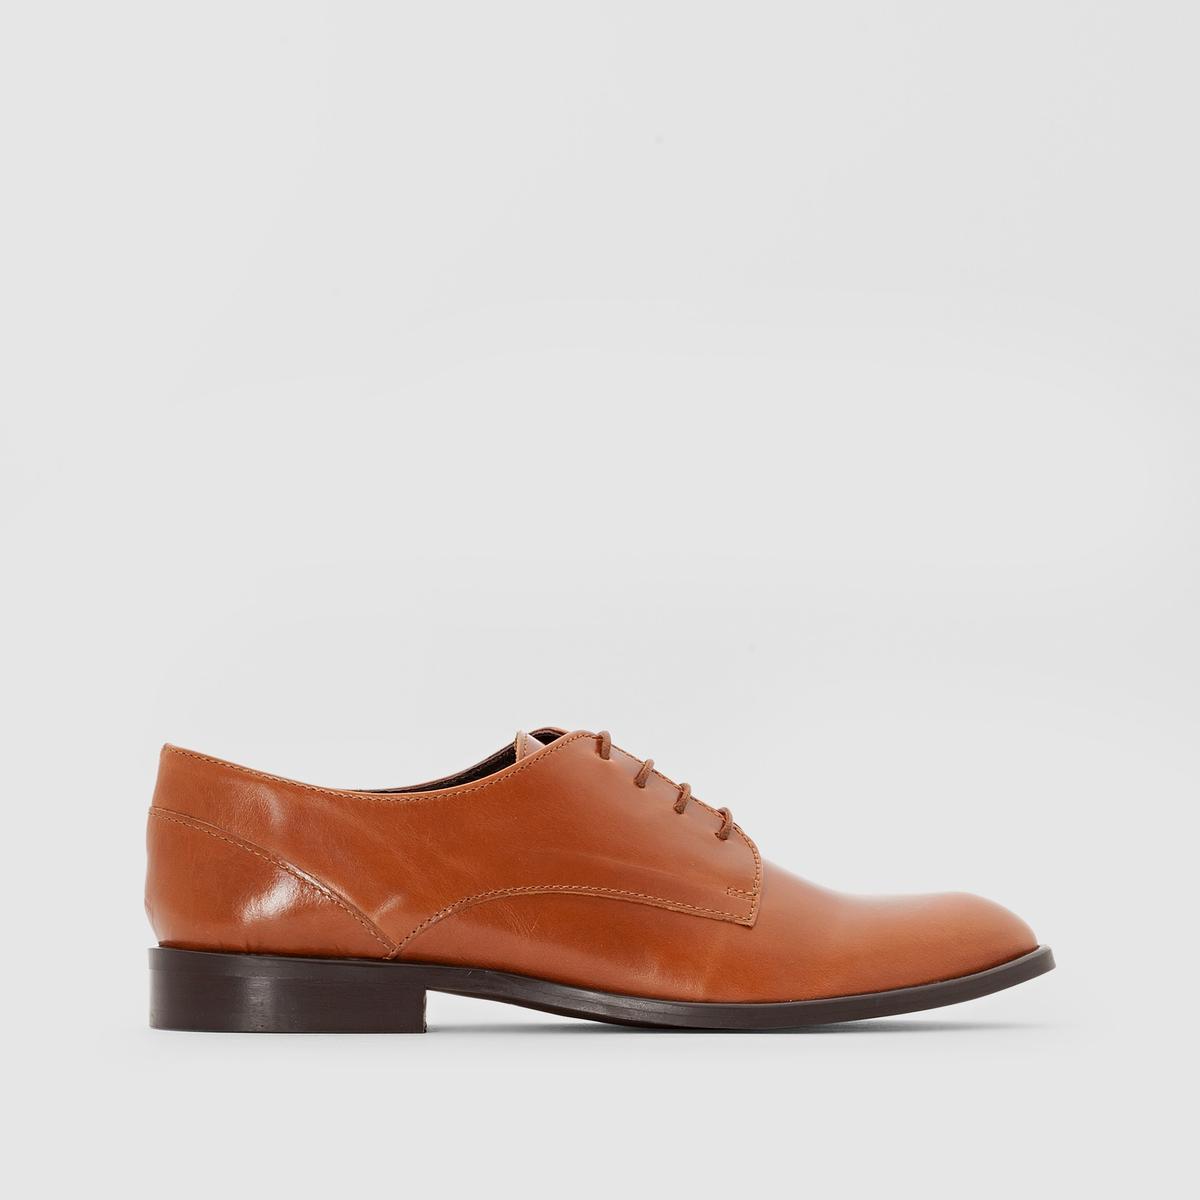 Ботинки-дерби кожаные на шнуровке ботинки дерби под кожу питона